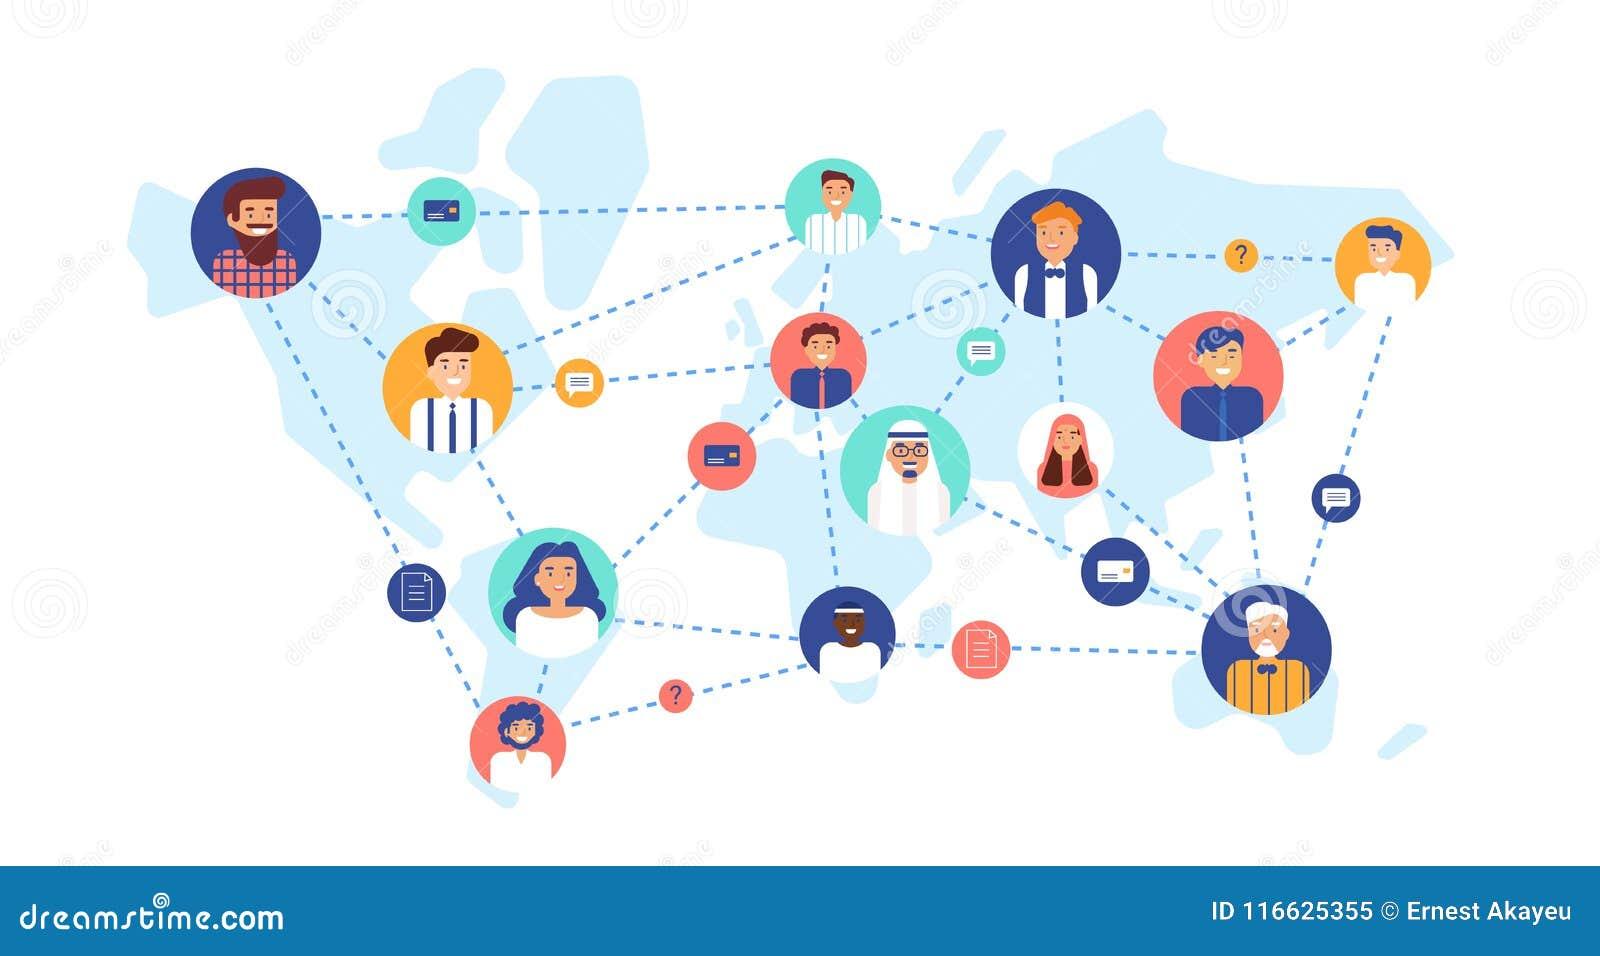 Στρογγυλά πορτρέτα των χαμογελώντας ανθρώπων που συνδέονται ο ένας με τον άλλον στον παγκόσμιο χάρτη Διεθνής επιχειρησιακή ομάδα,